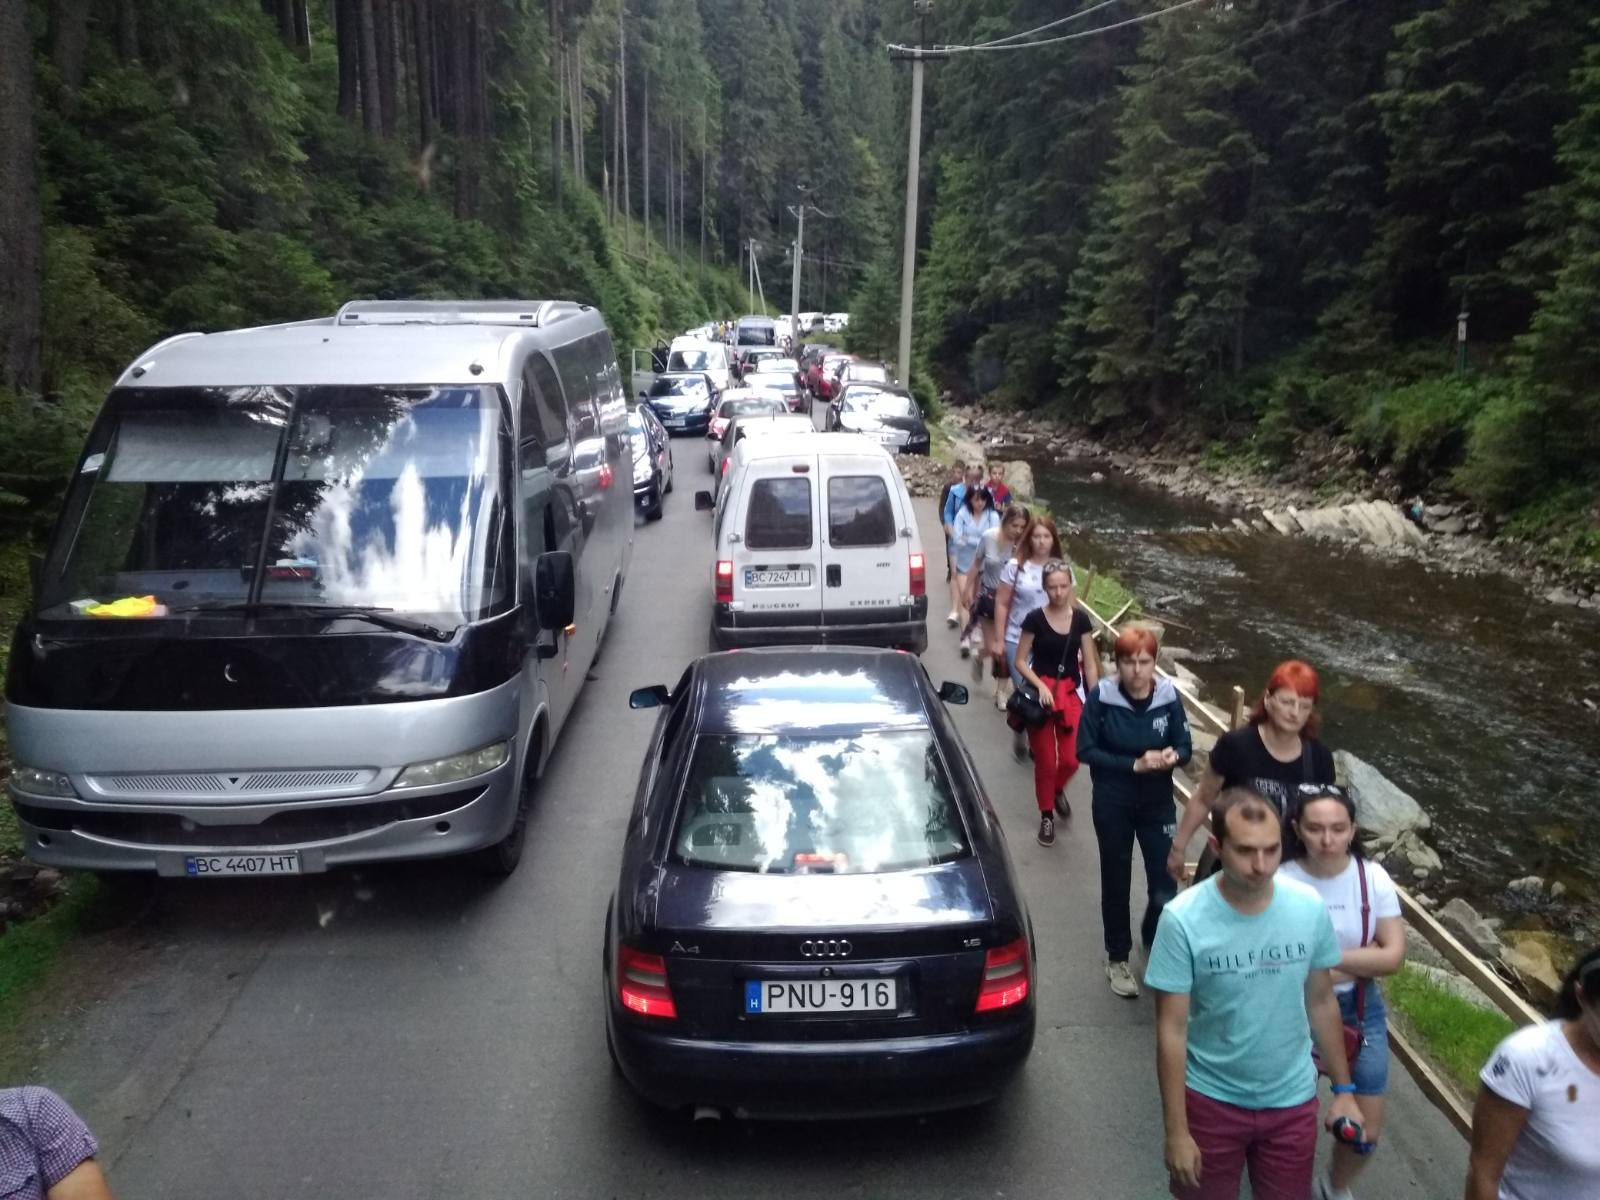 Достопримечательности Карпат утопают в пробках - туризм, Западная Украина, запад Украины - 04 probka2